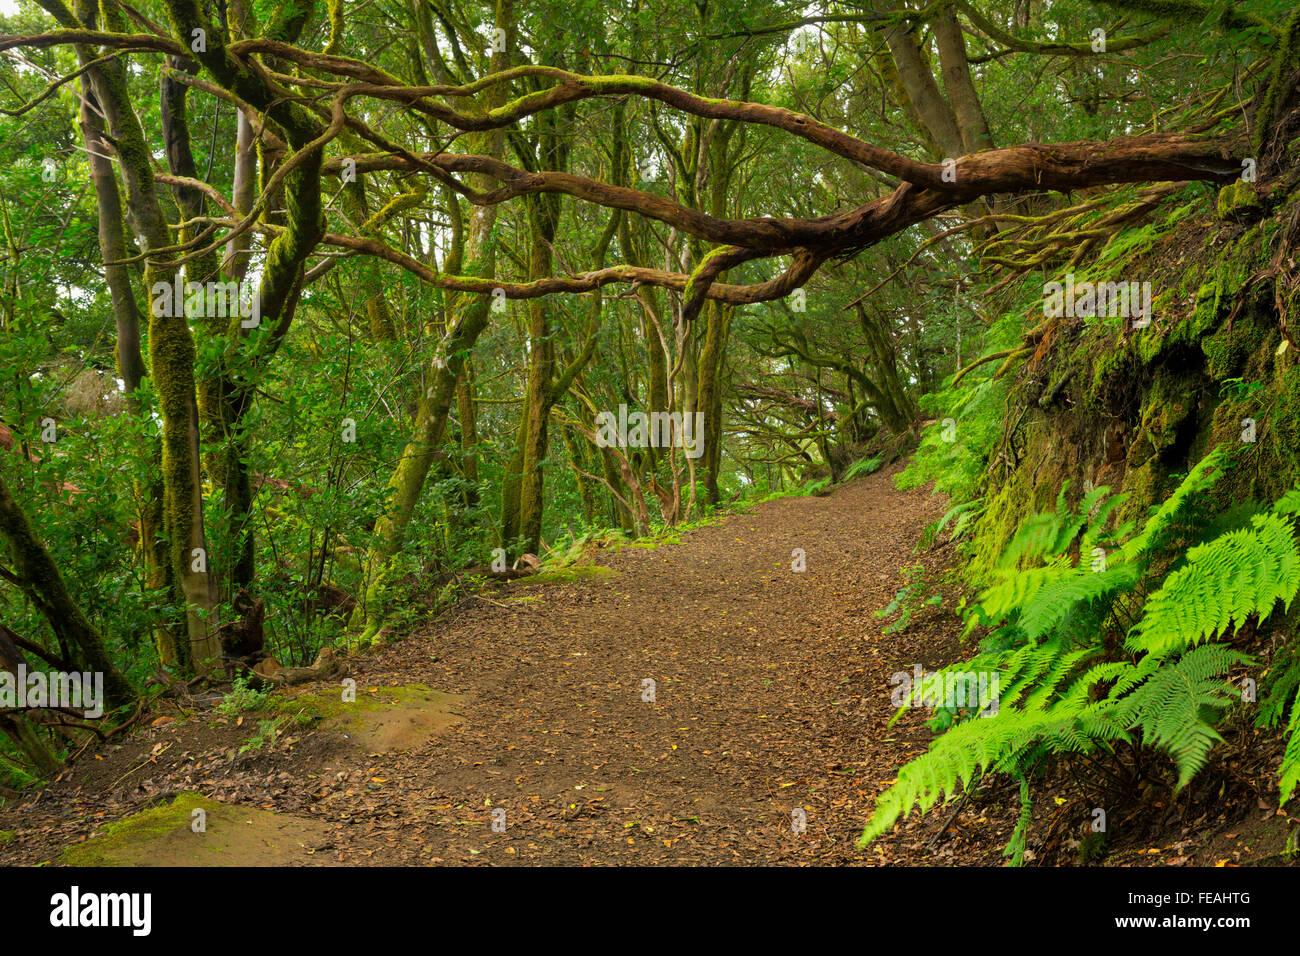 Laurel Wald in das Anaga-Gebirge auf Teneriffa, Kanarische Inseln, Spanien. Stockfoto